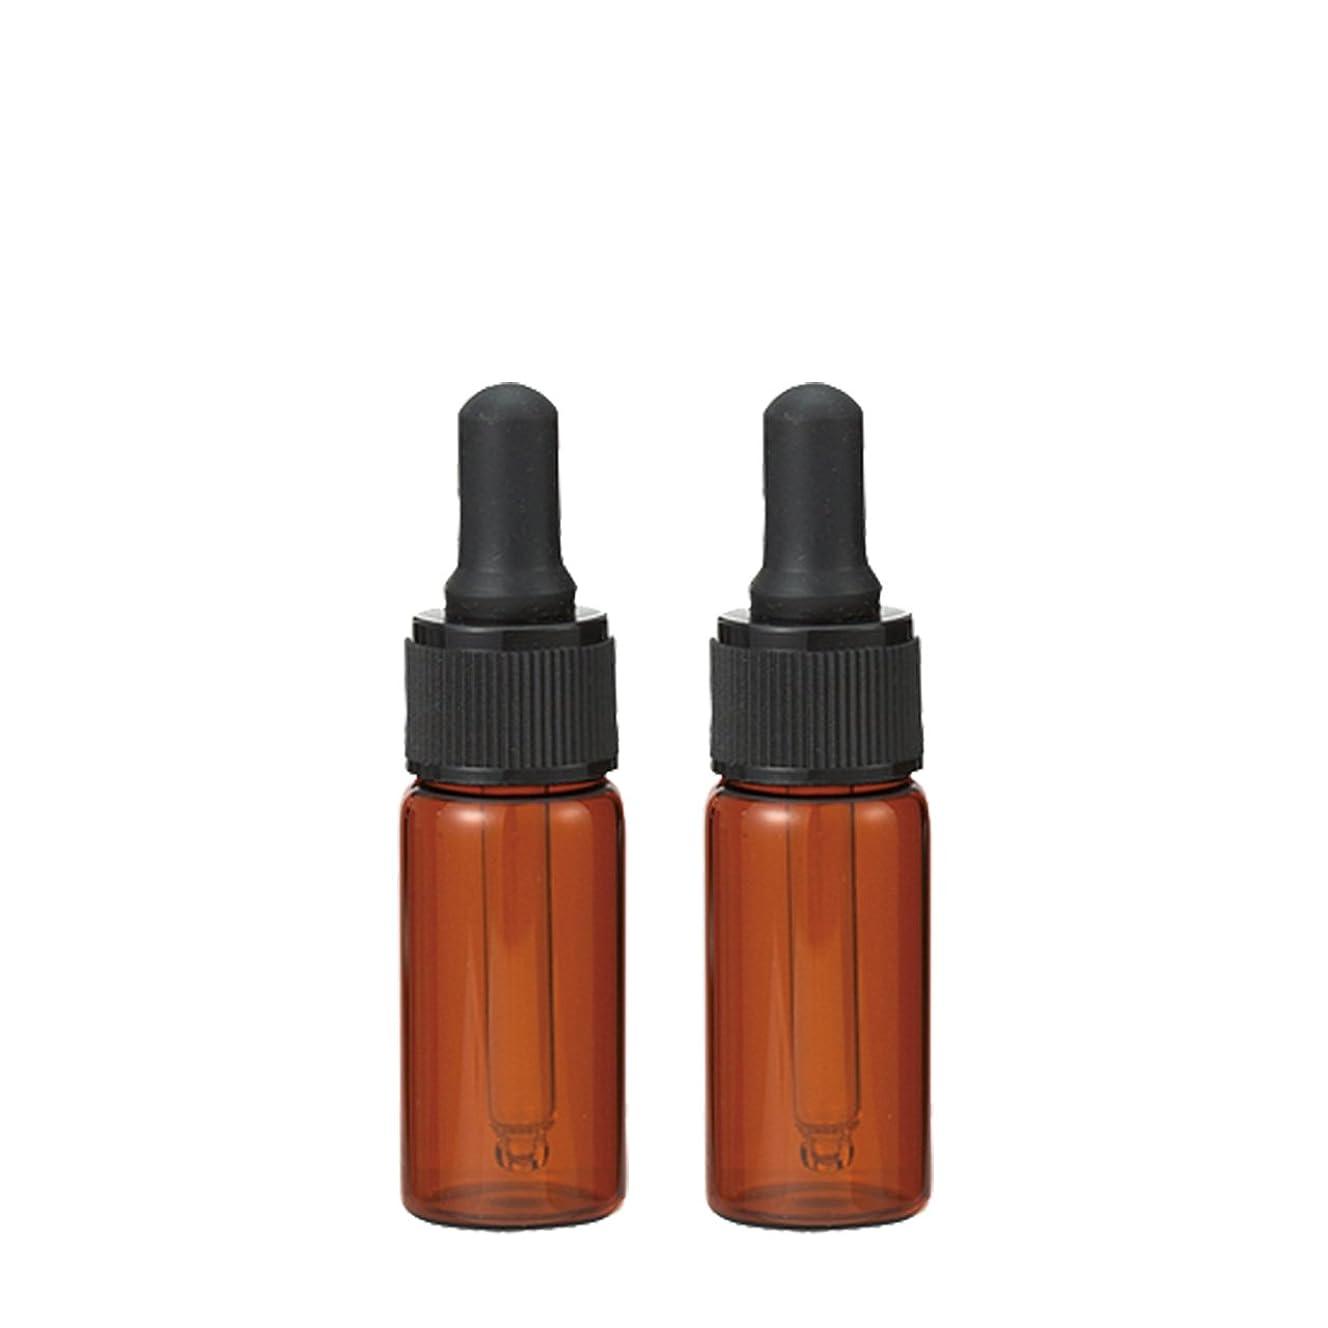 維持する壁紙投げる生活の木 茶色遮光スポイト瓶 10ml (2本セット)